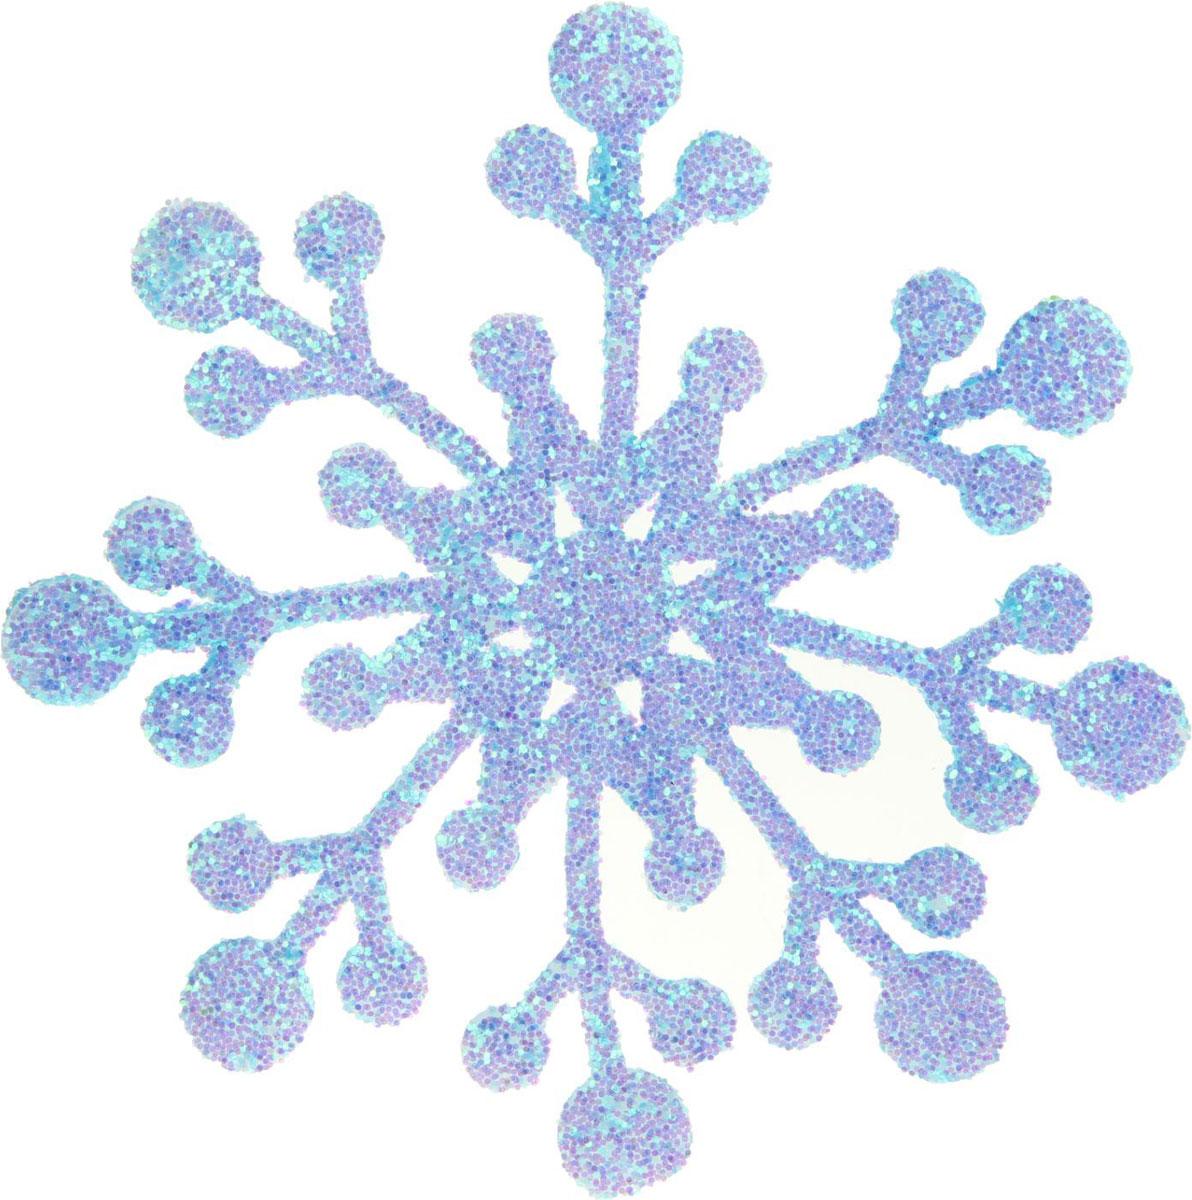 Украшение новогоднее елочное Sima-land Снежинка с кругами, 20 х 20 см, 2 шт1401716Невозможно представить нашу жизнь без праздников! Мы всегда ждём их и предвкушаем, обдумываем, как проведём памятный день, тщательно выбираем подарки и аксессуары, ведь именно они создают и поддерживают торжественный настрой.